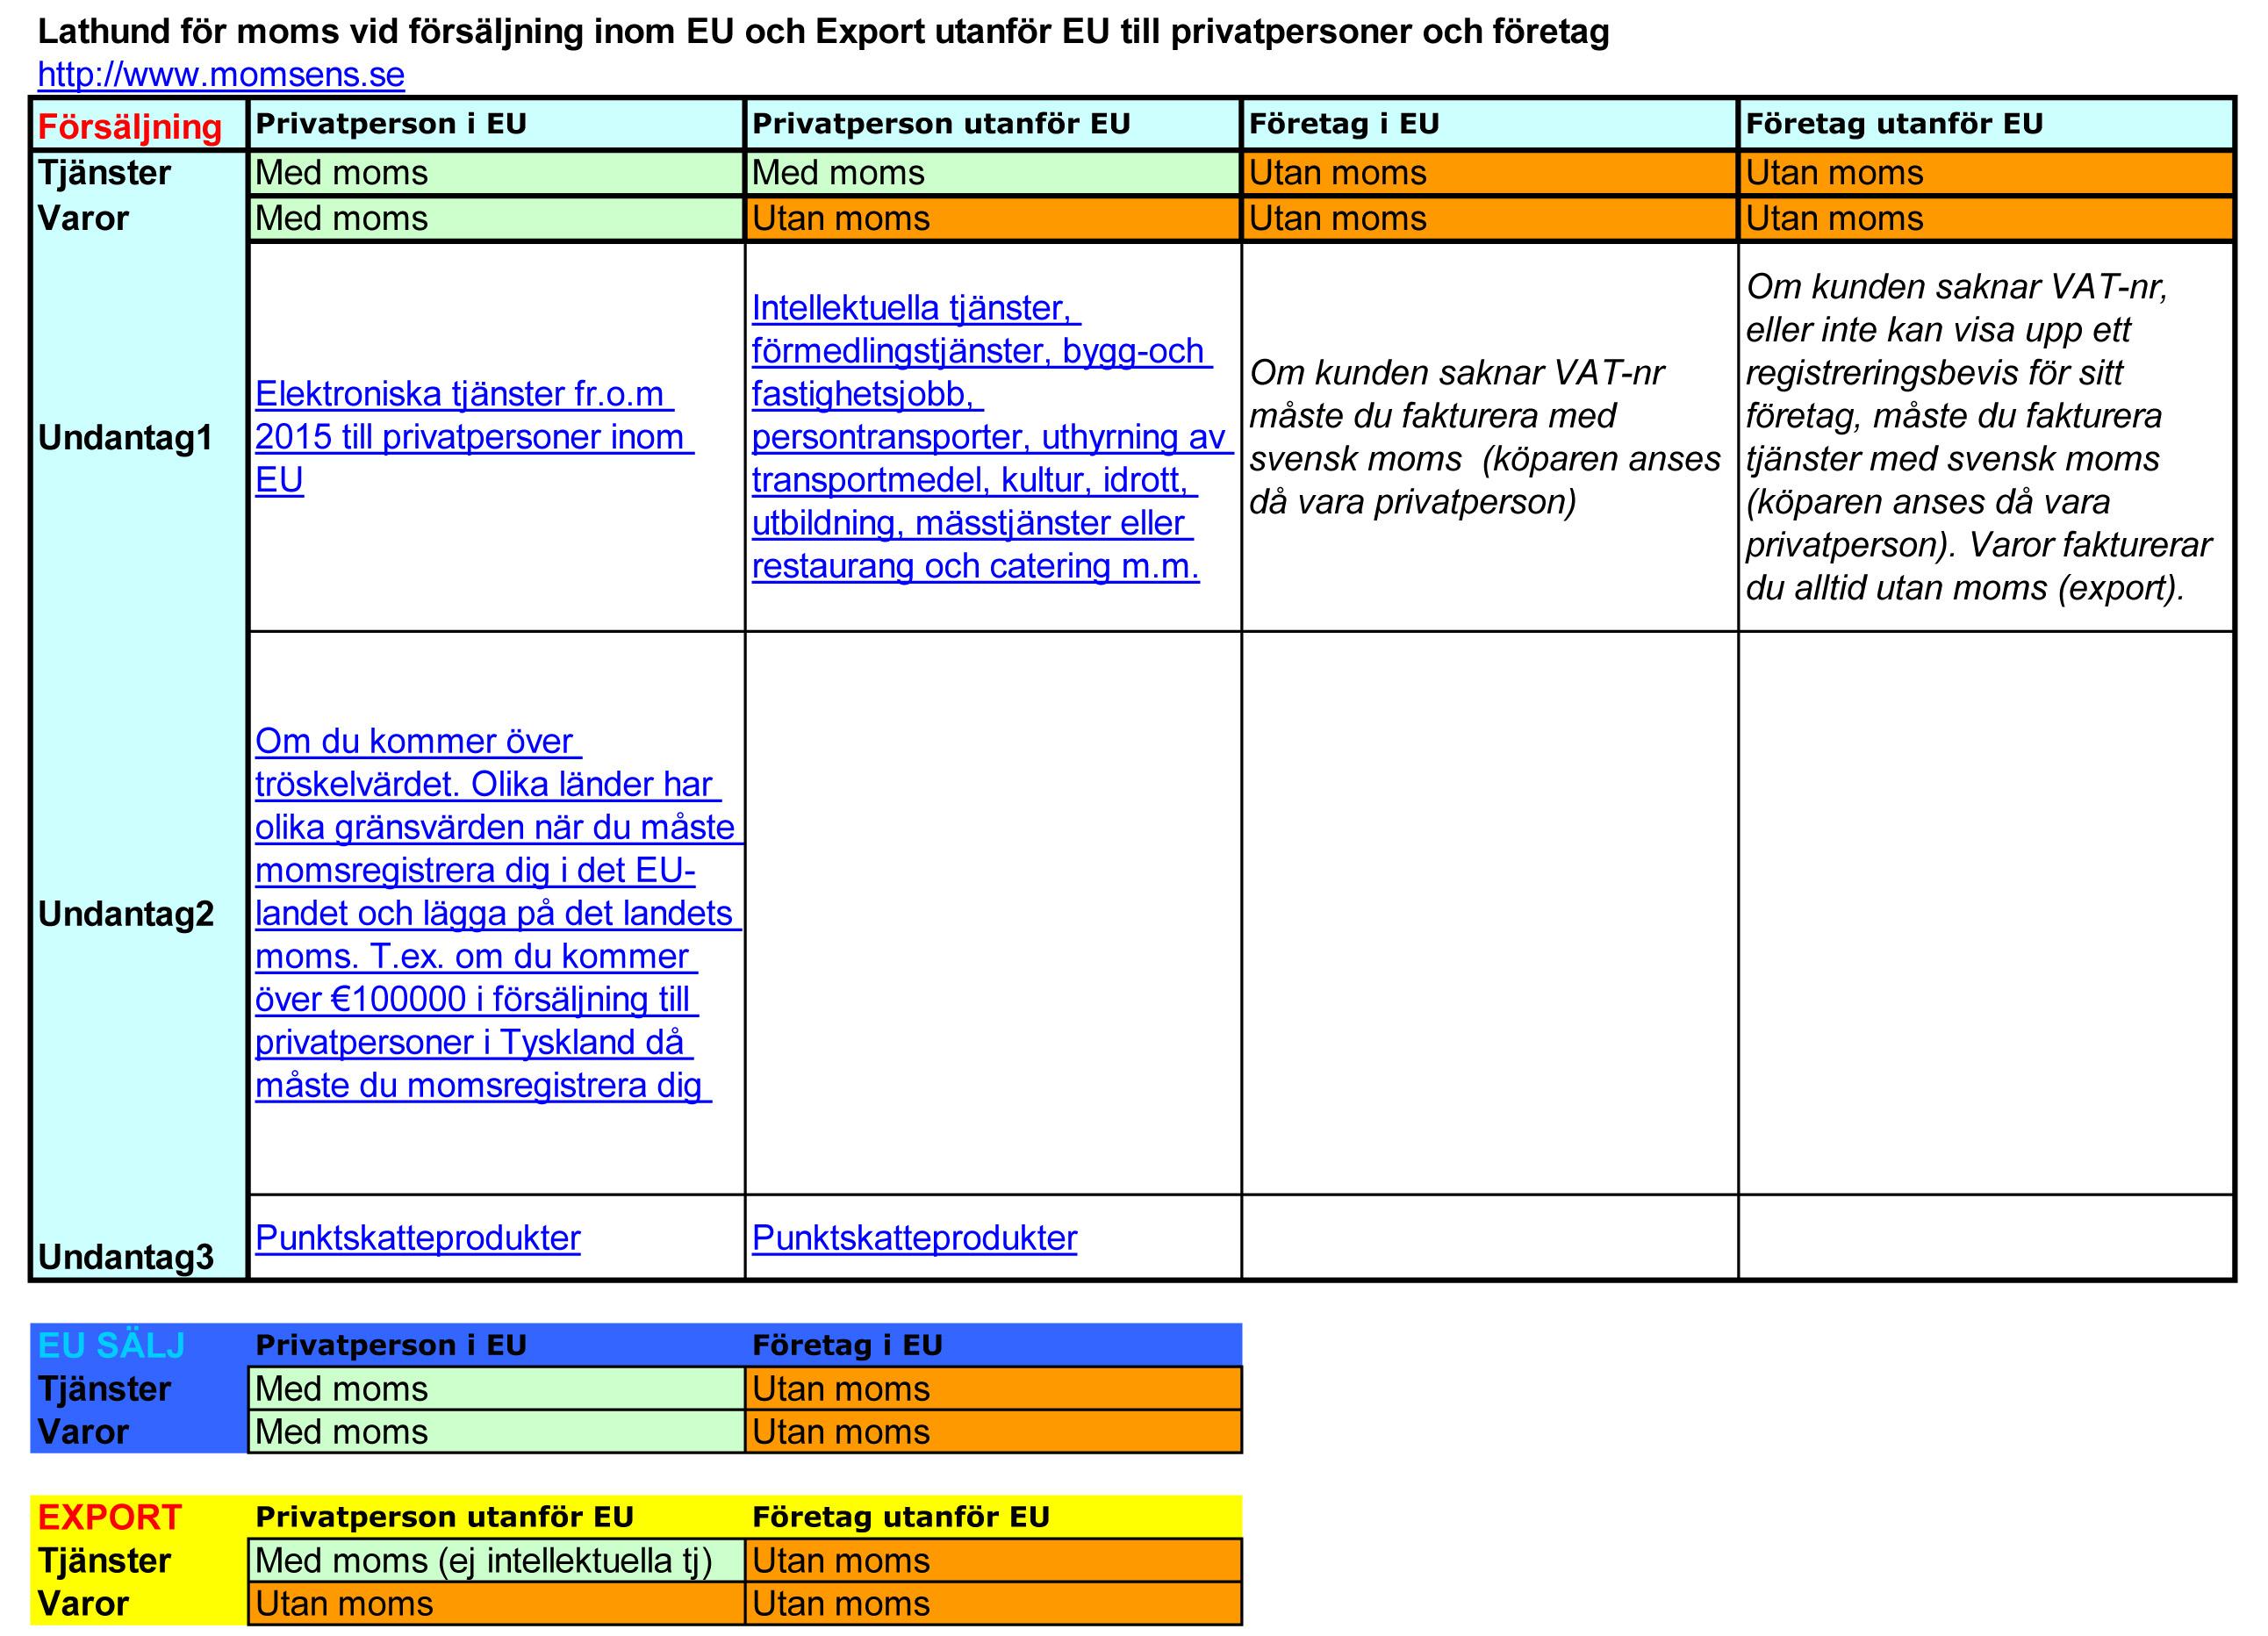 Lathund och tabell för moms vid försäljning inom EU och export utanför EU till både privatpersoner och företag.